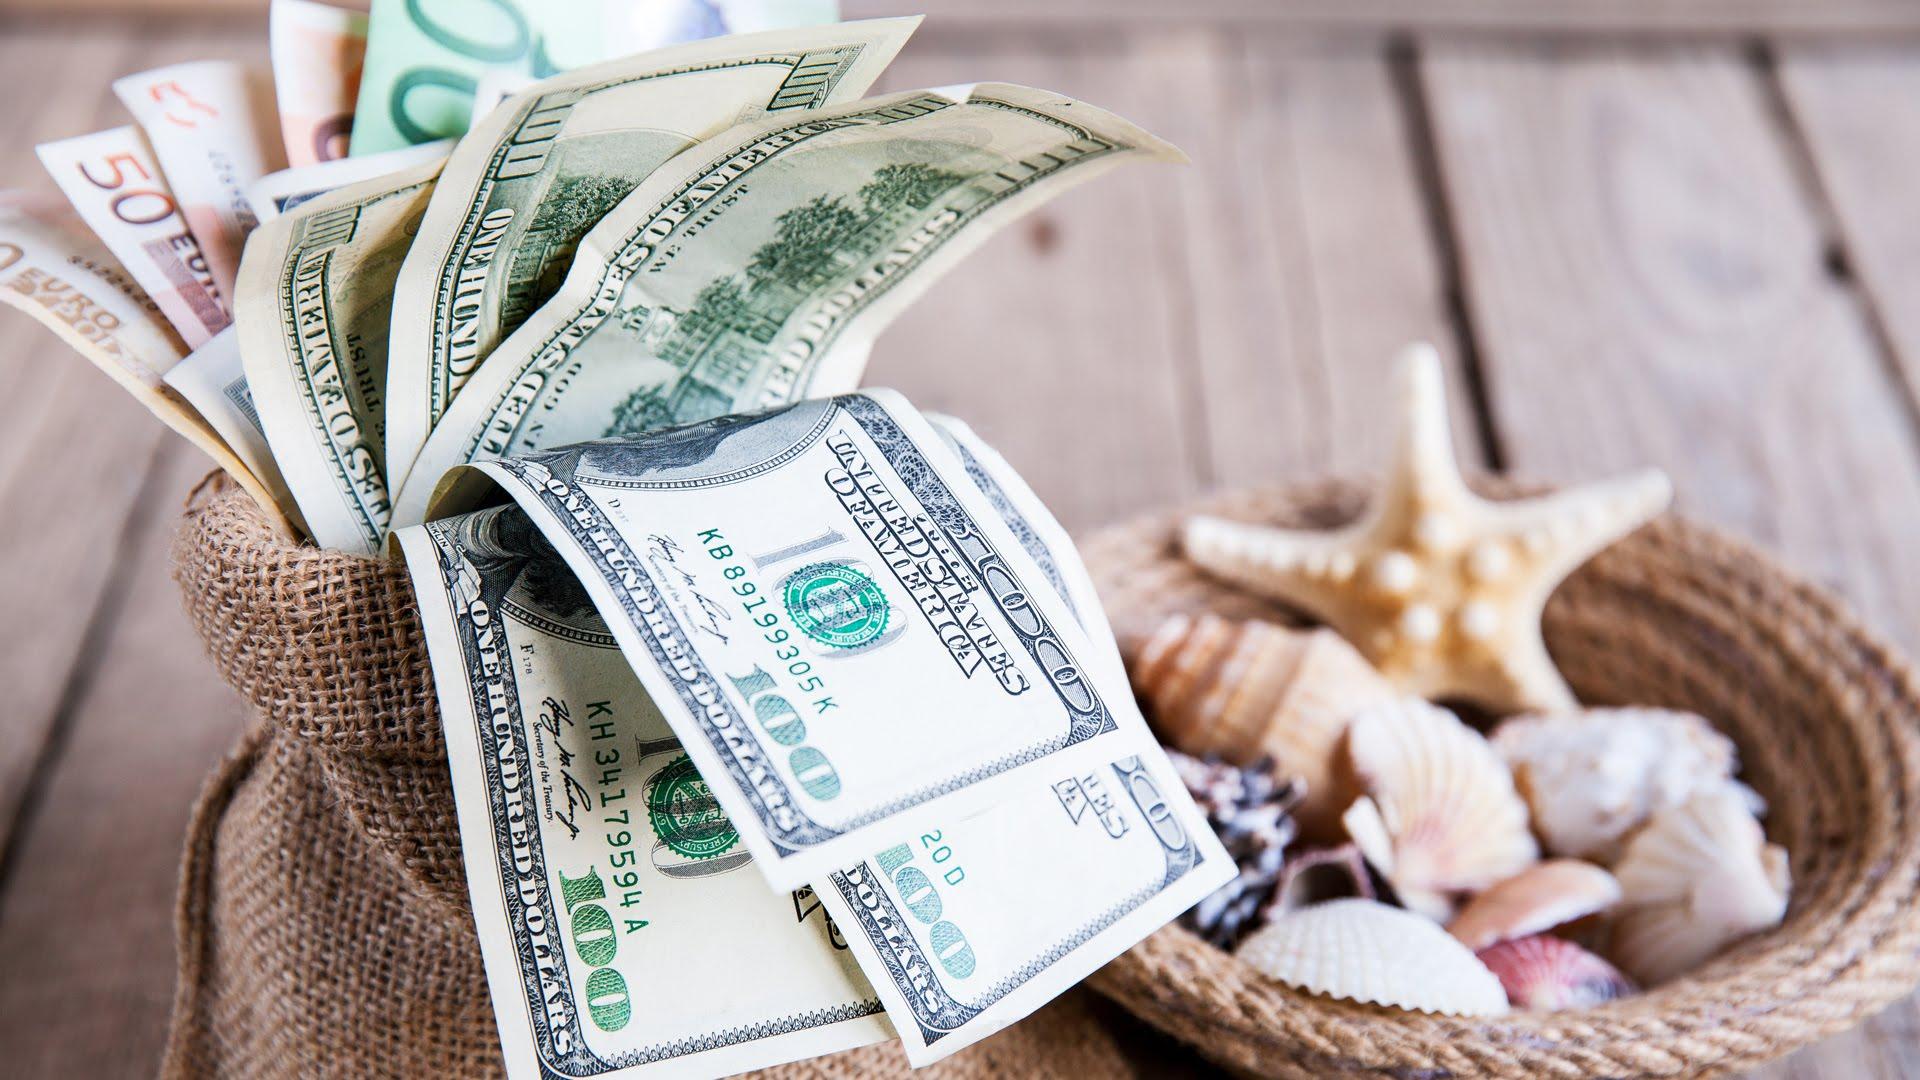 Пачка денежных купюр в мешочке